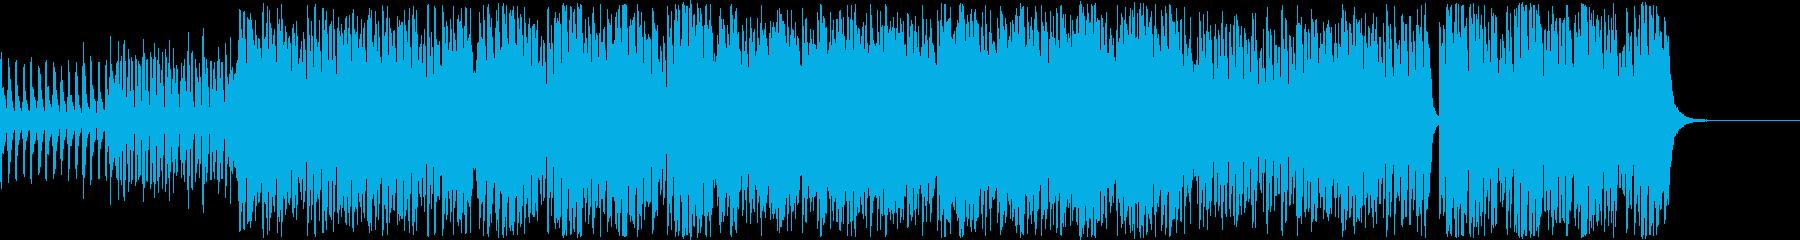 クリスマス オーケストラ 木琴 C...の再生済みの波形